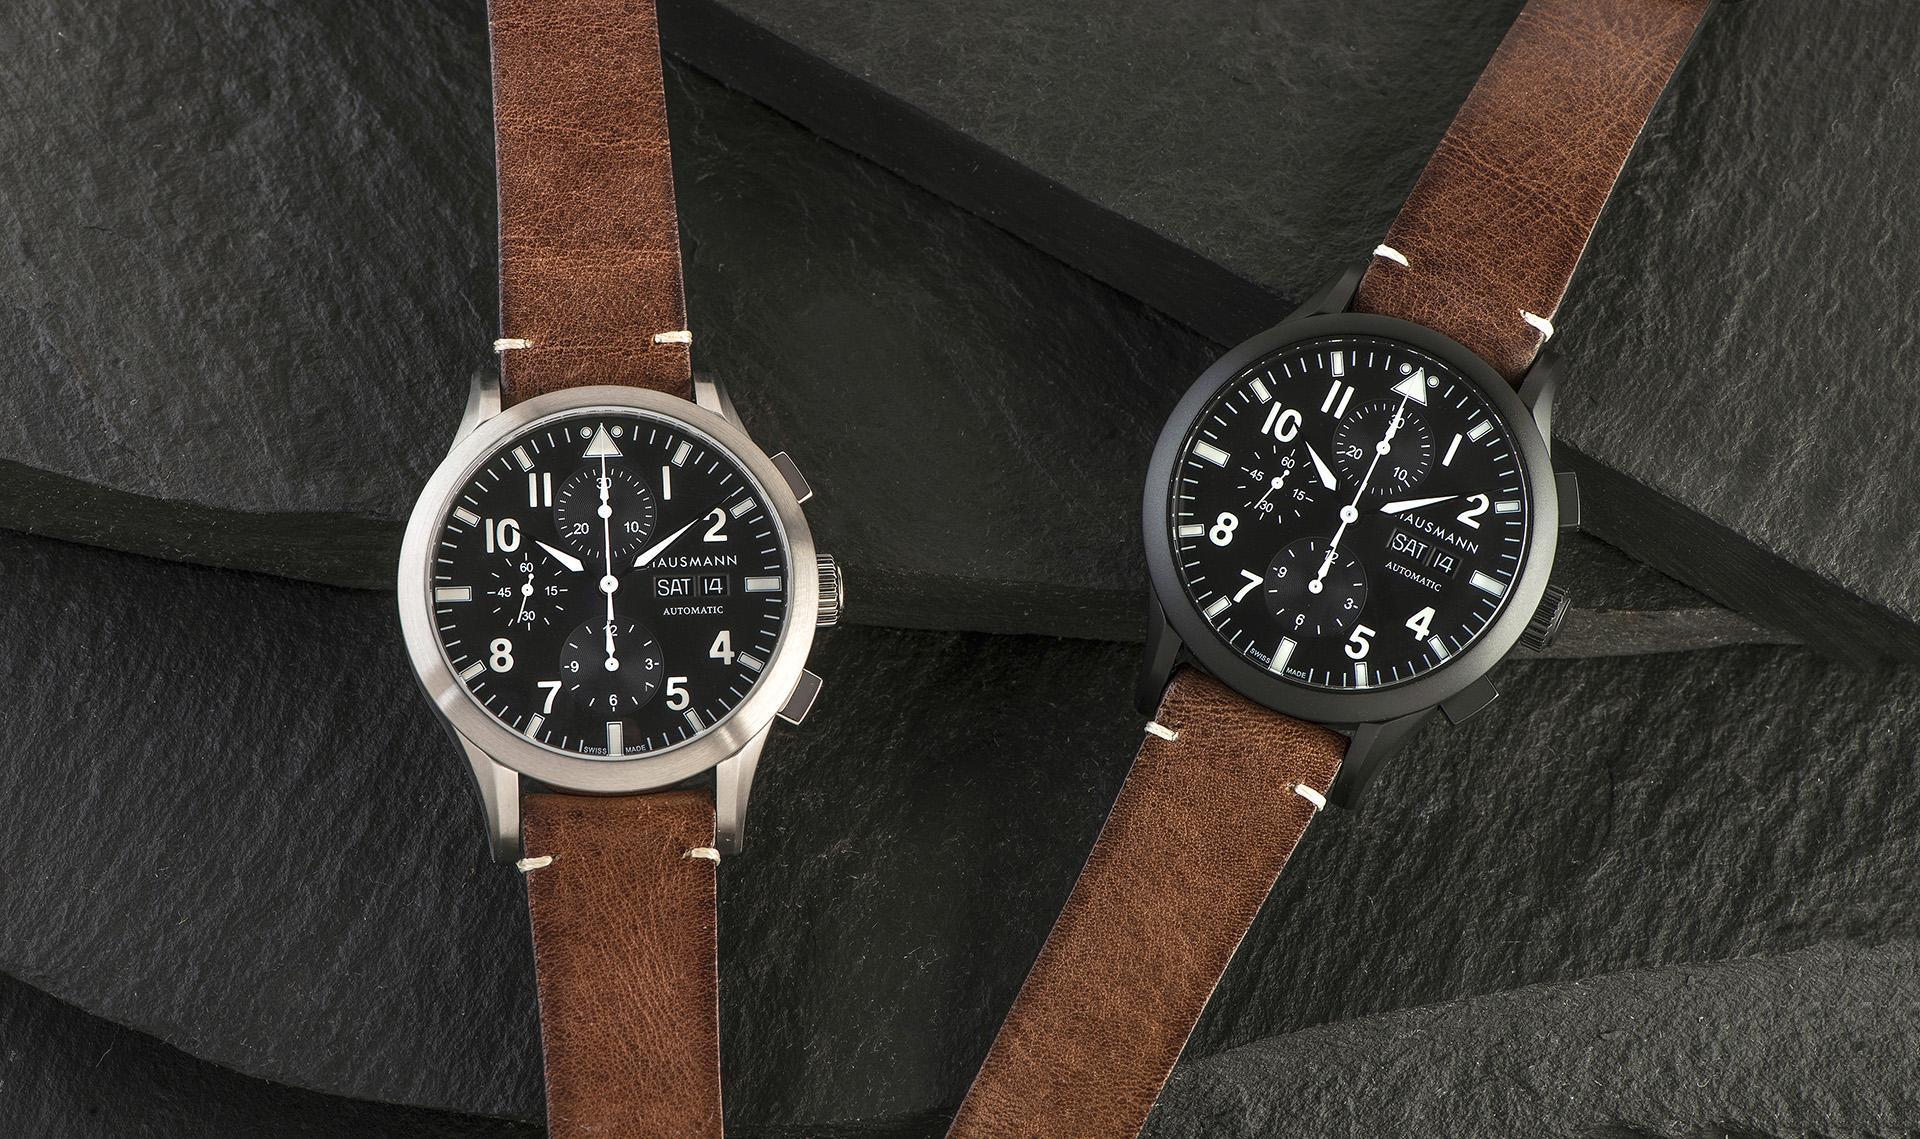 I due modelli di cronografi sportivi firmati da Hausmann & Co. ed ispirati al mondo dell'aviazione